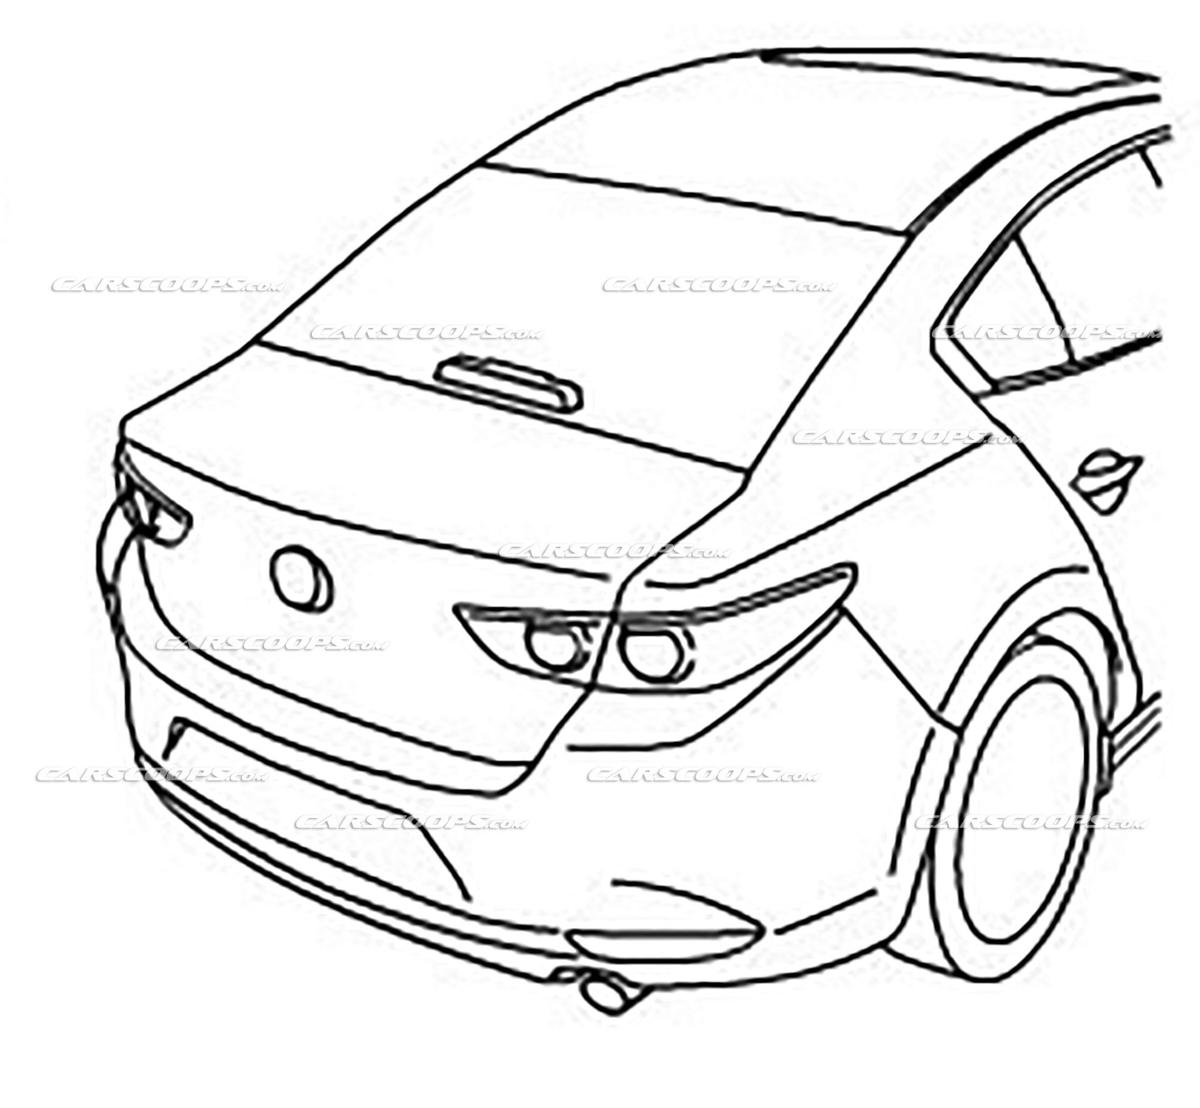 很不一样的内装! 2019 Mazda3 官方插图曝光!